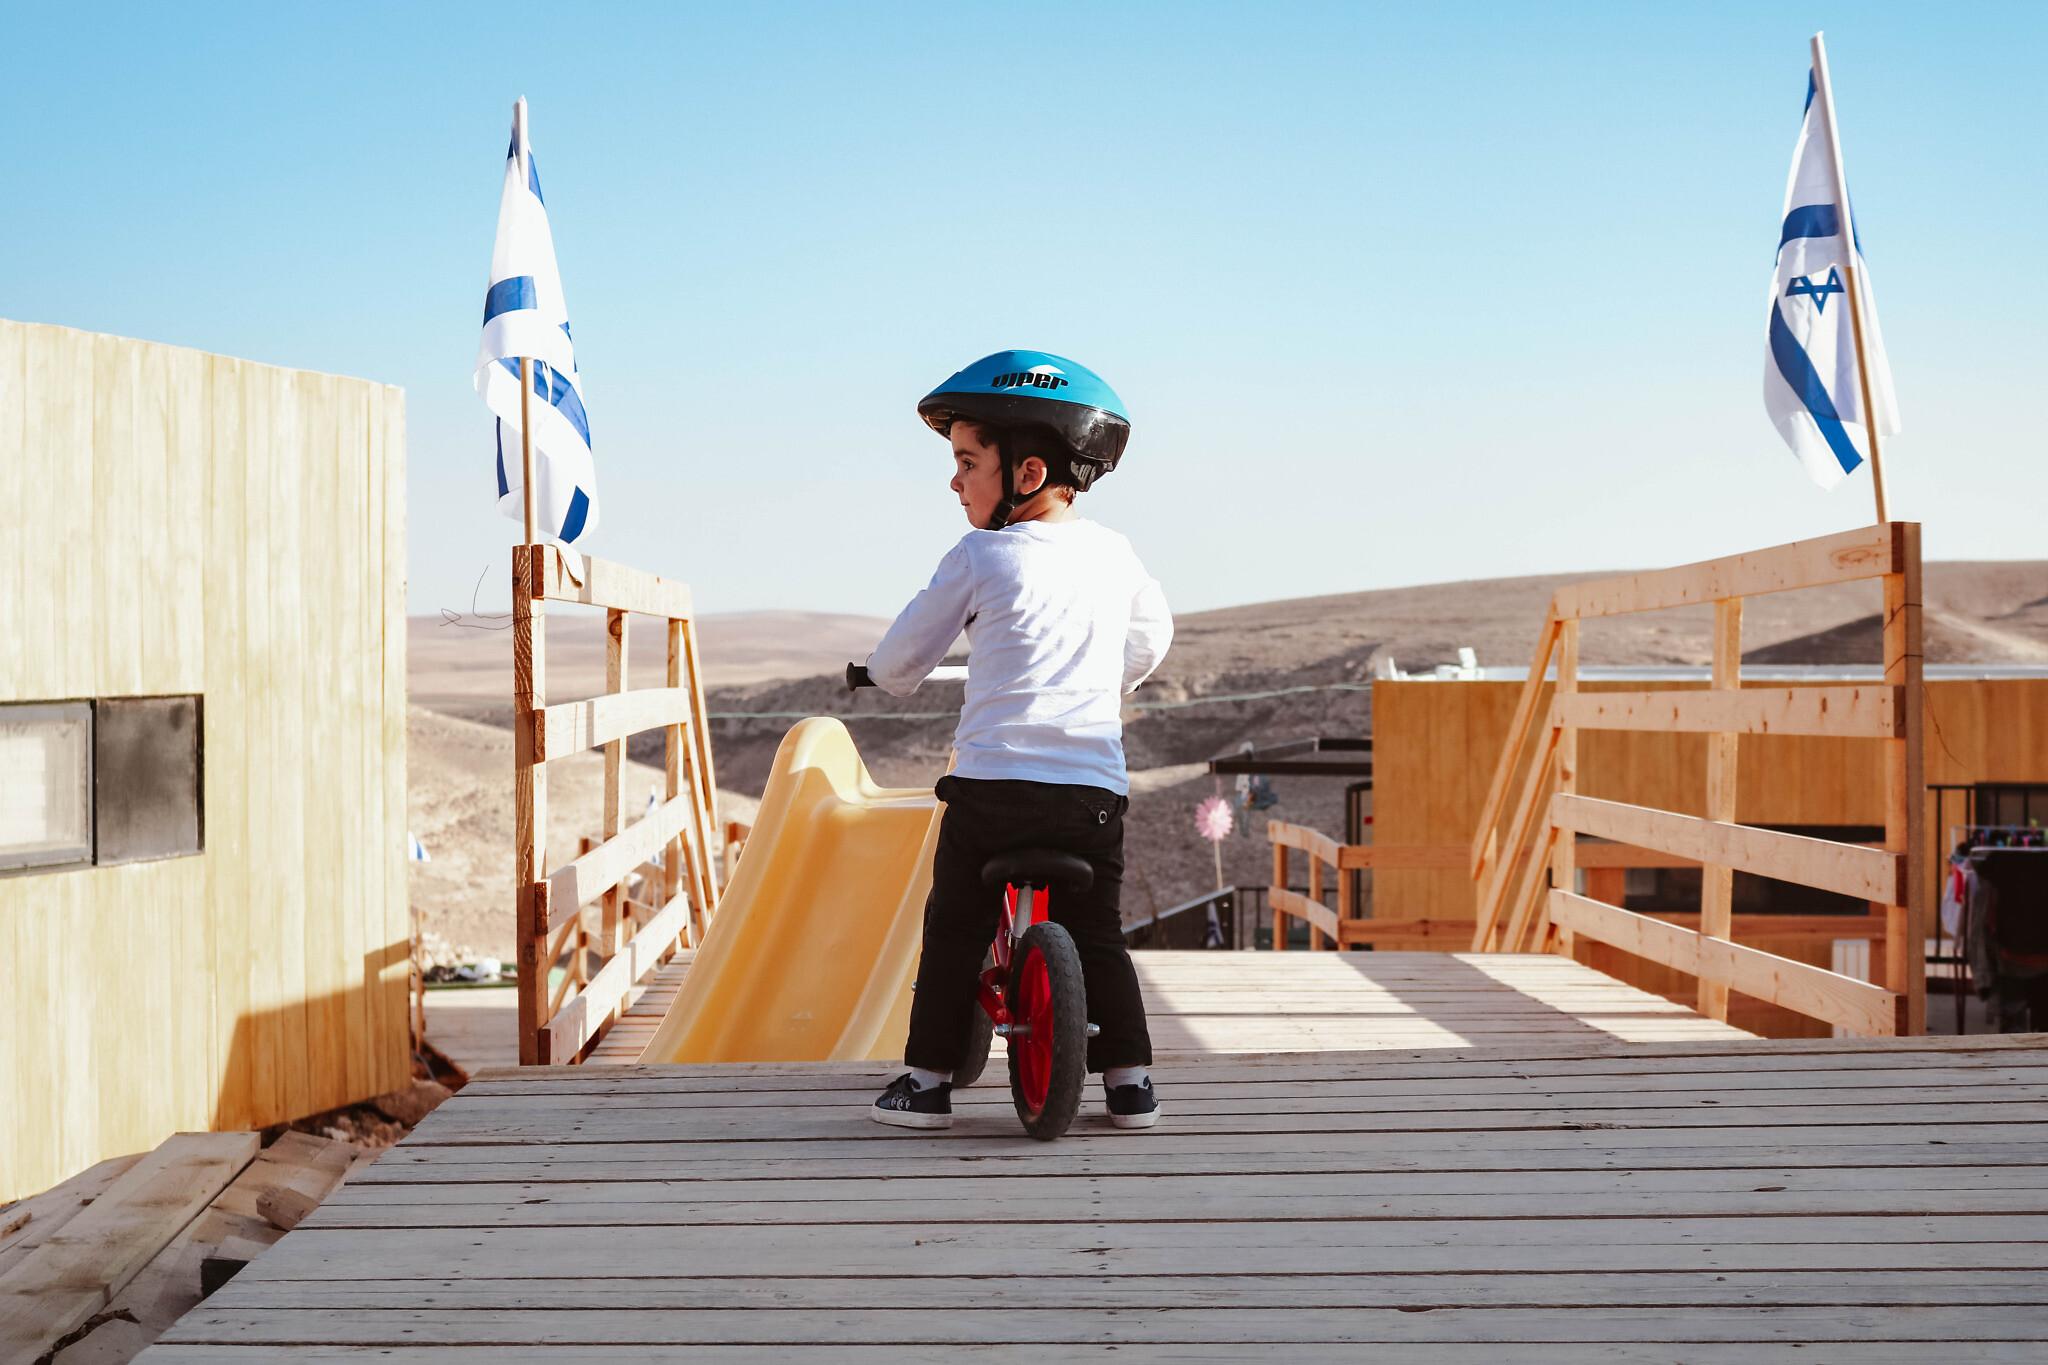 Un enfant sur un vélo  dans le quartier temporaire de Shahak Heights à Dimona, dans le sud d'Israël, le21 décembre 2020. (Crédit : Sue Surkes/Times of Israel)